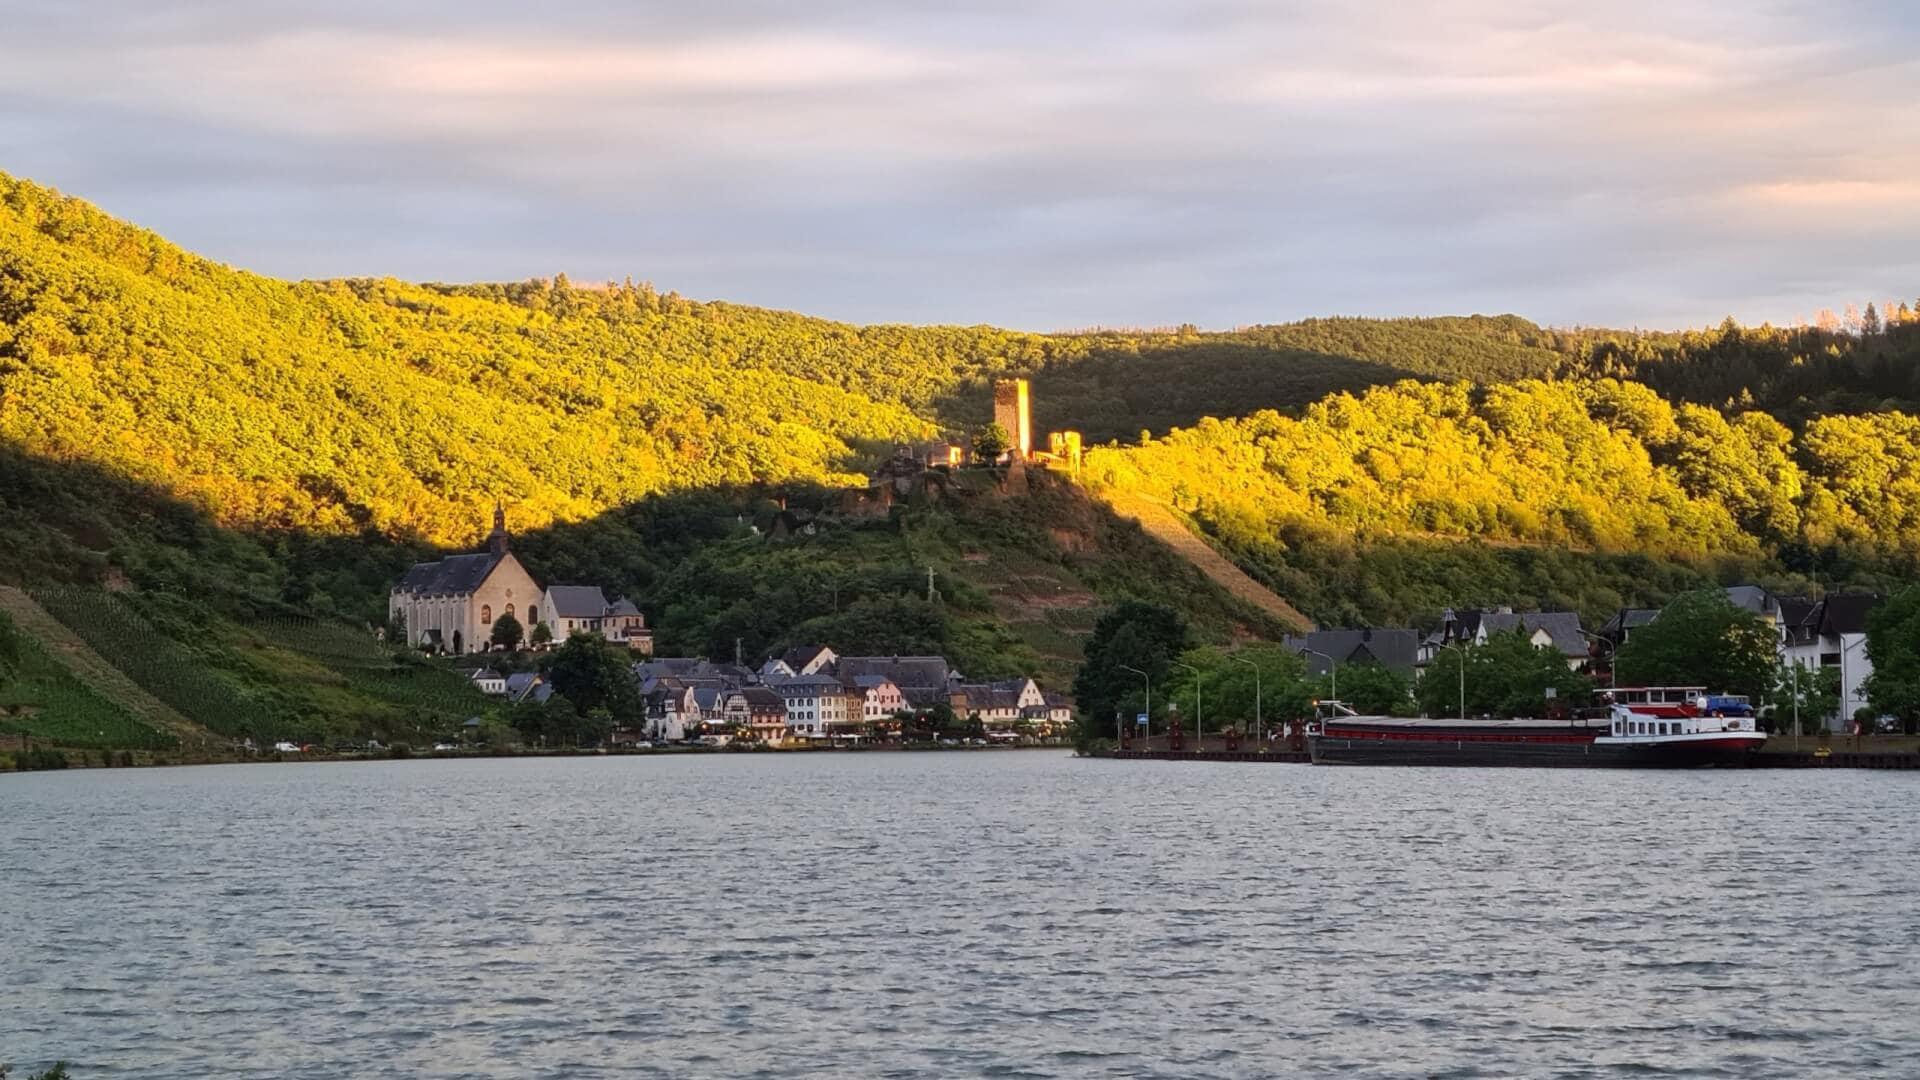 Fußweg nach Beilstein mit Blick auf die Burg